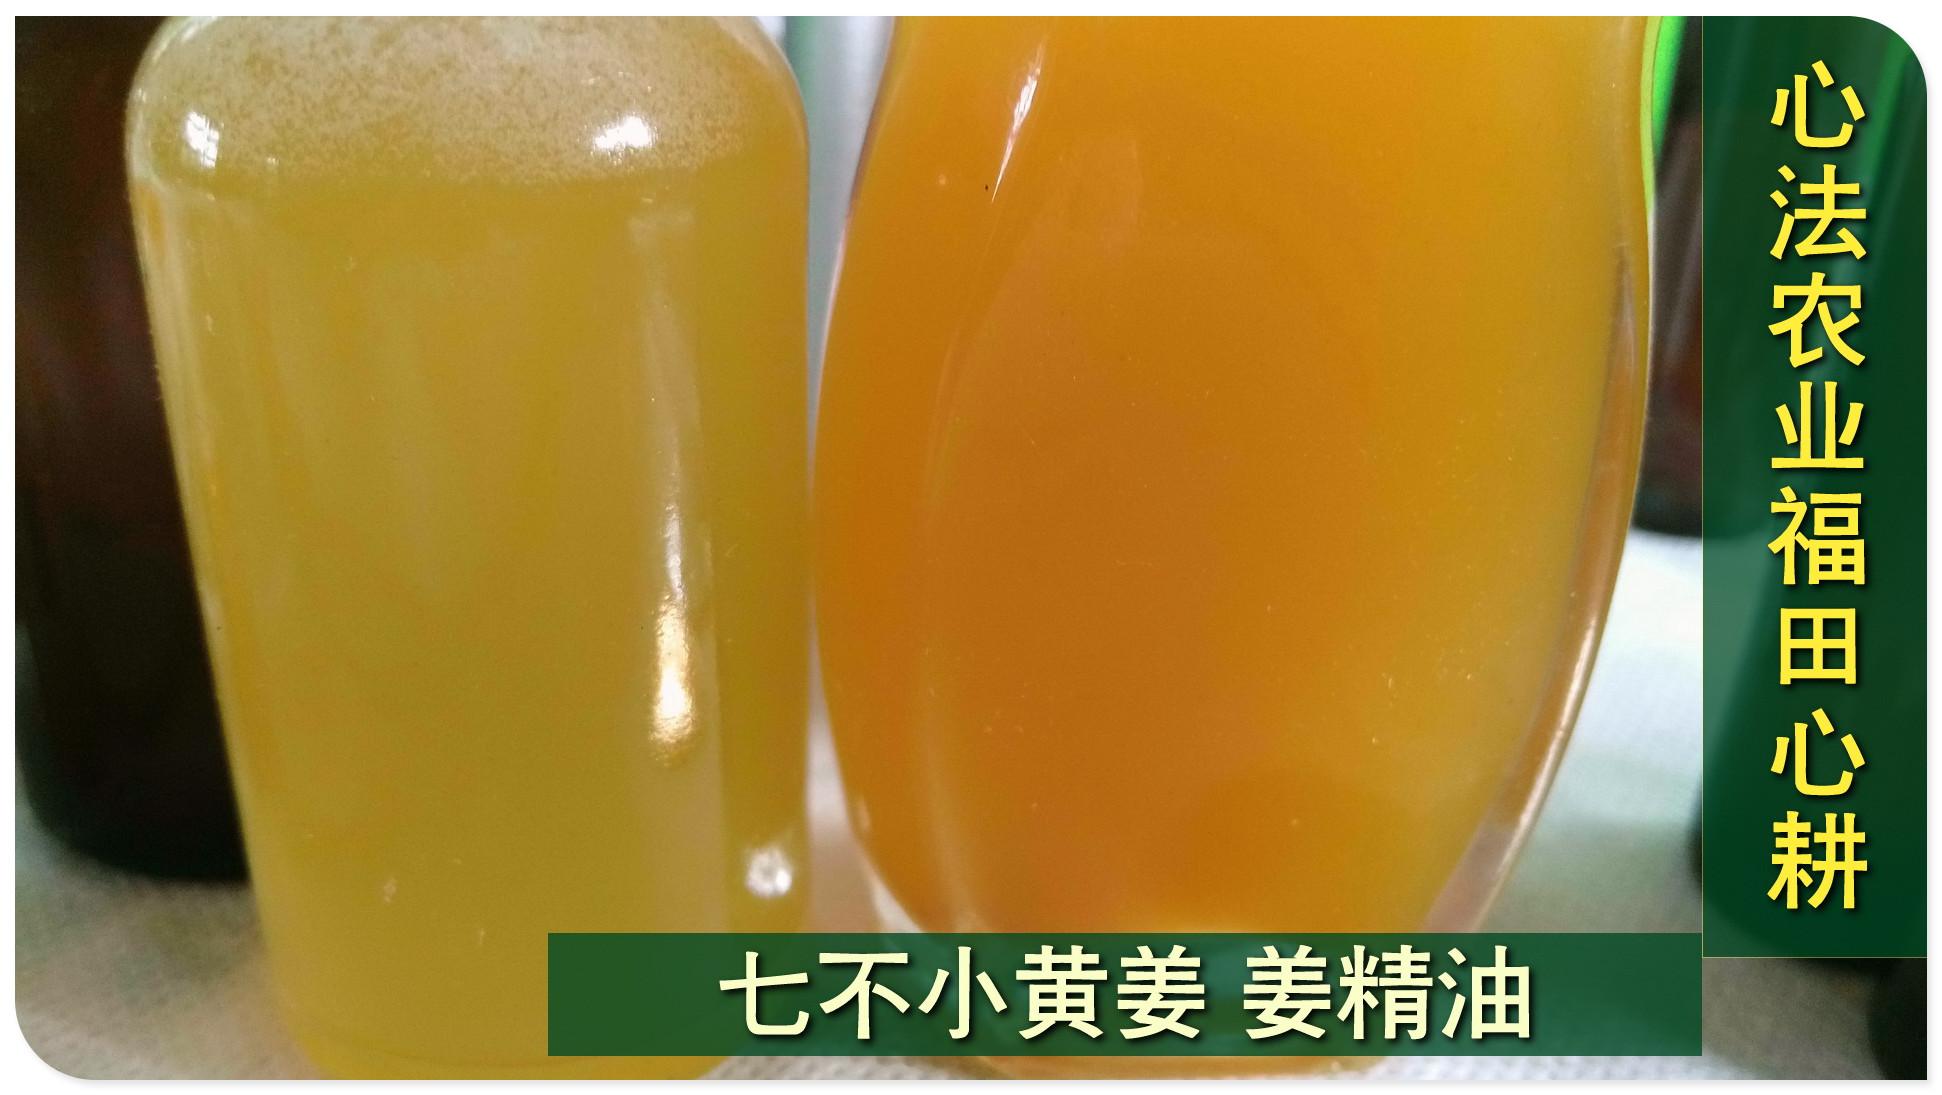 姜油七不姜复方精油 姜艾油 外热源 保湿外用美容护肤按摩解症消状 商品图3